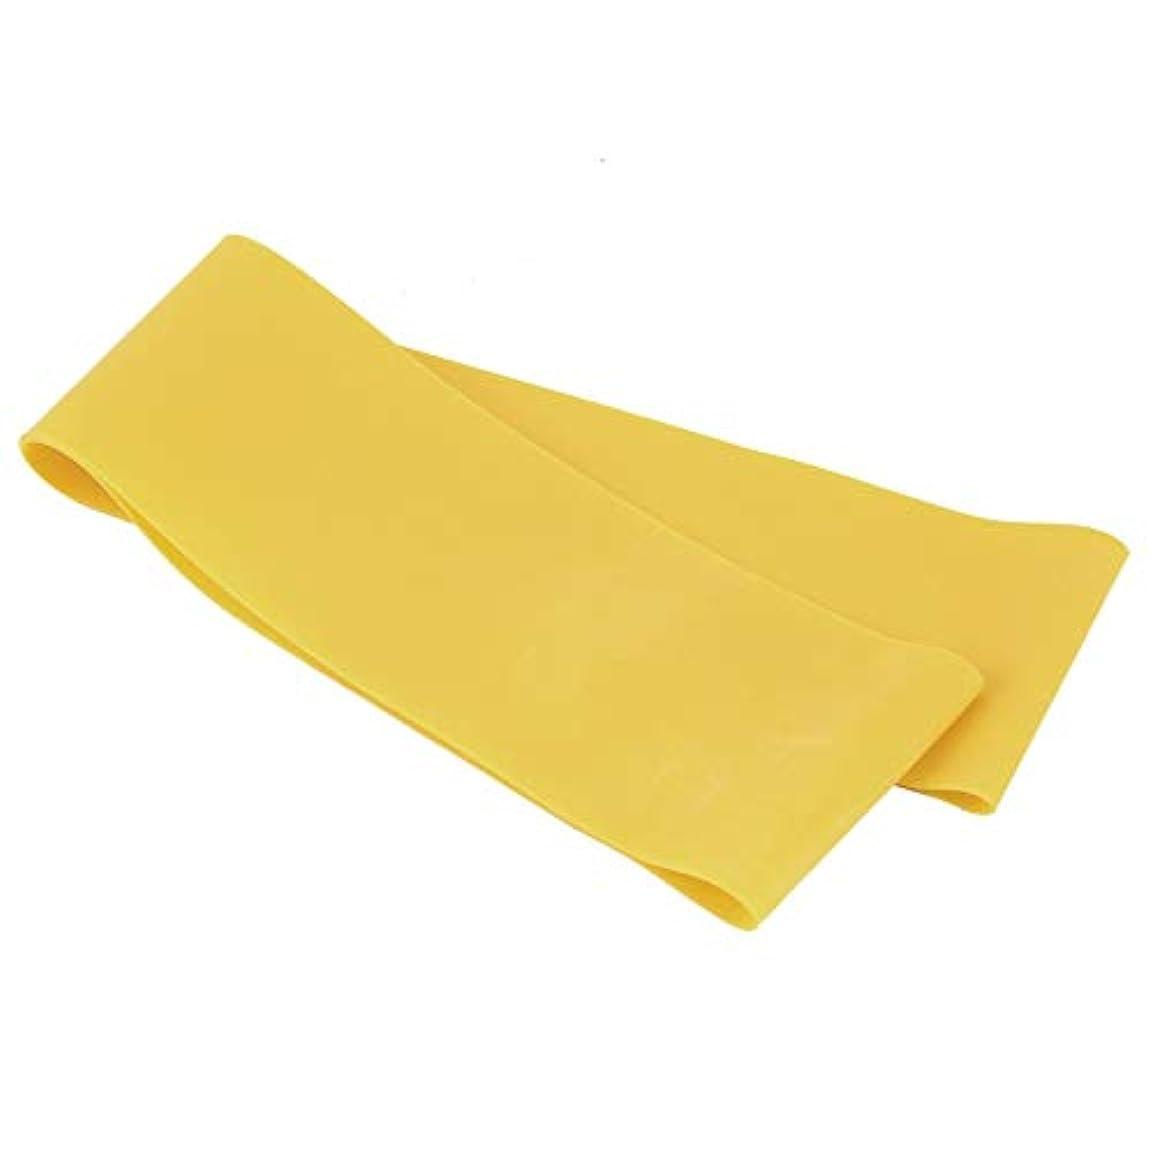 横にラビリンスプロポーショナル滑り止めの伸縮性のあるゴム製伸縮性があるヨガのベルトバンド引きロープの張力抵抗バンドループ強さのためのフィットネスヨガツール - 黄色